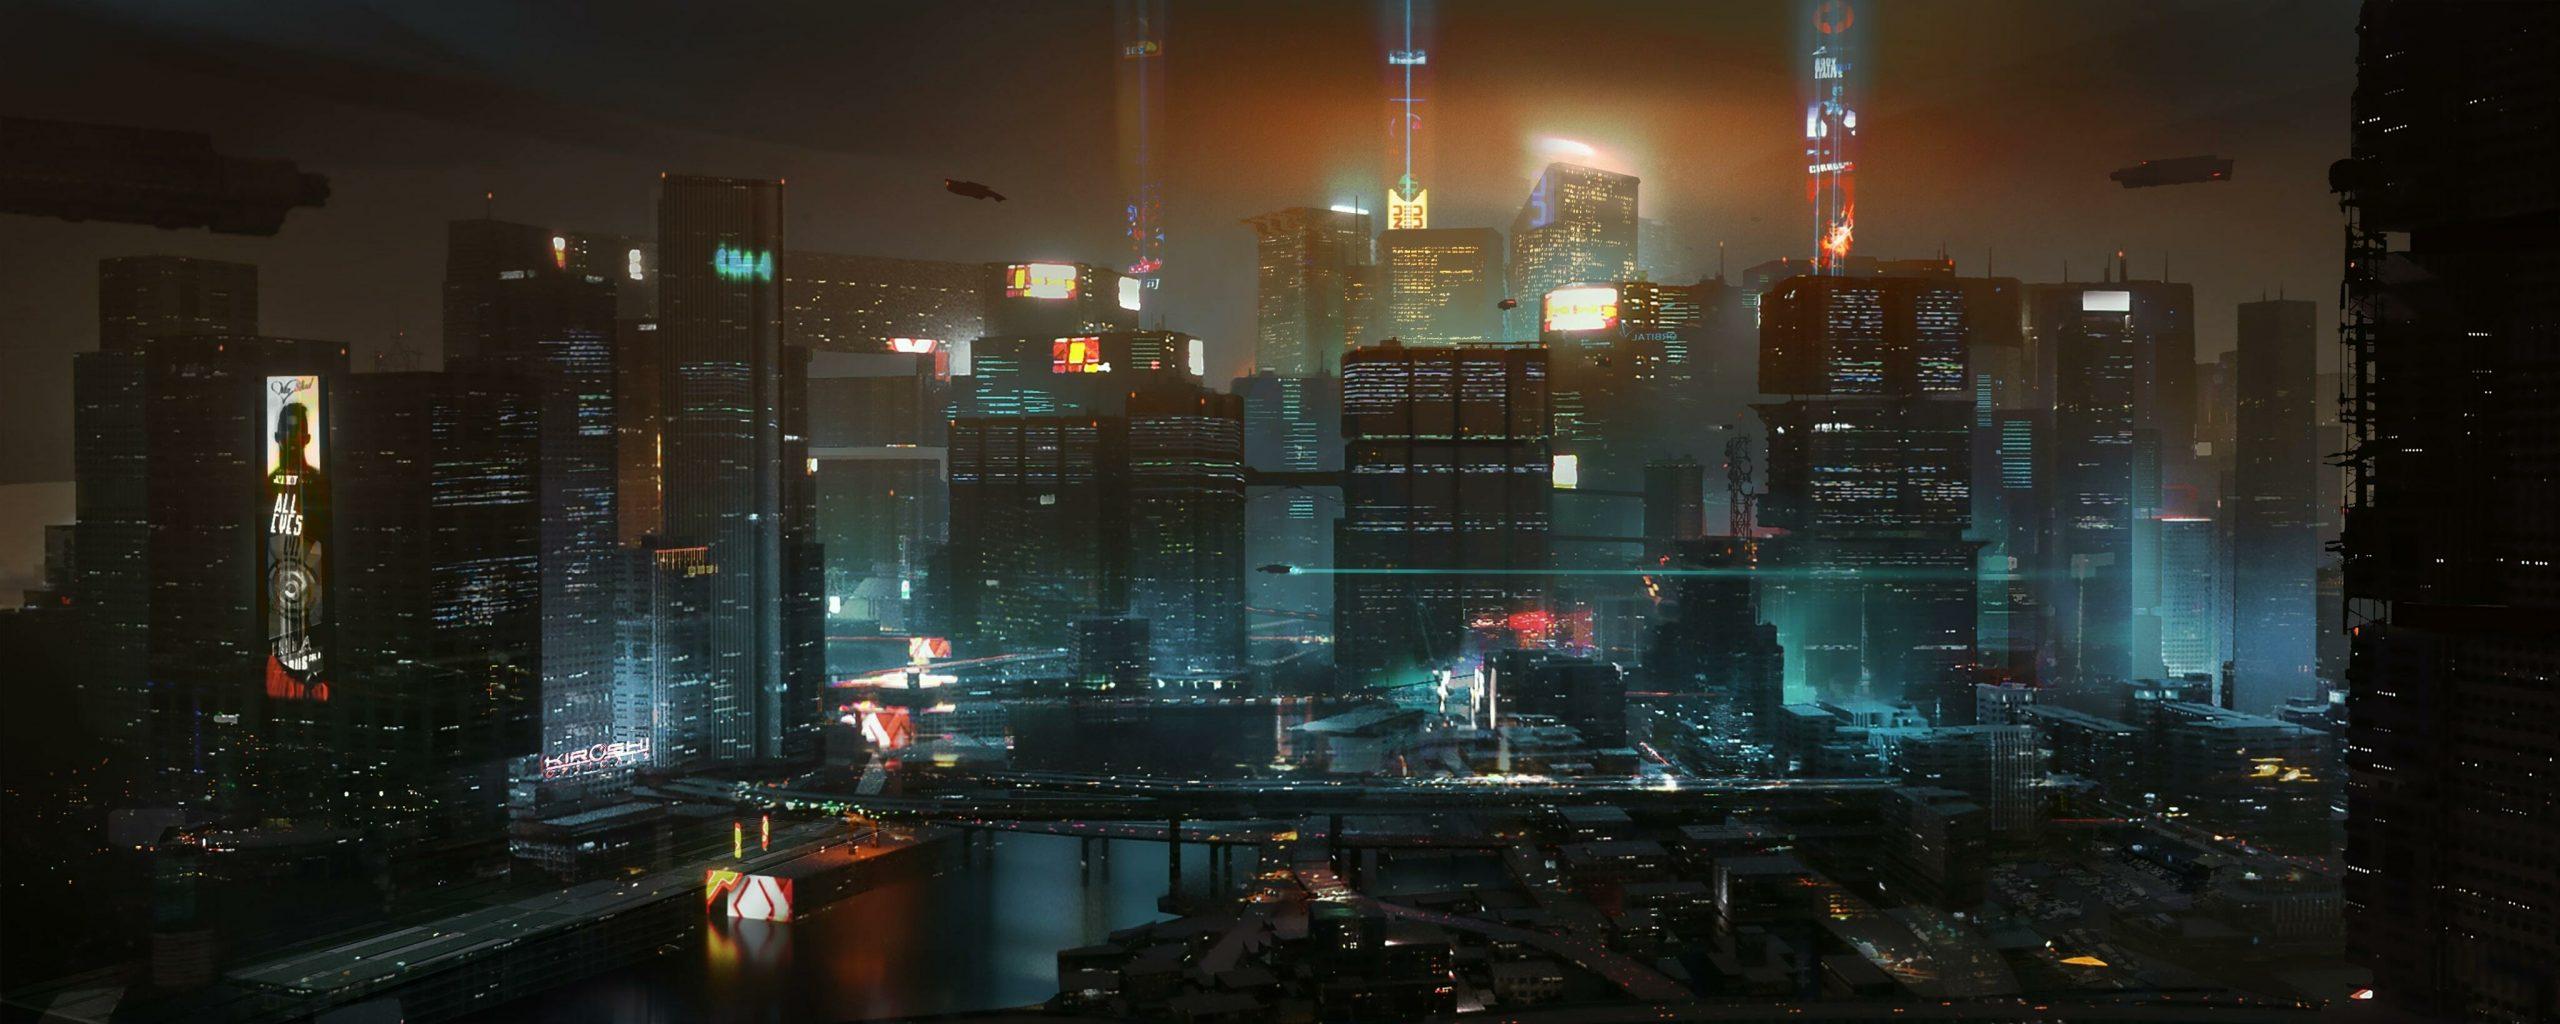 Трейлер, геймплей ианиме отTrigger — что показали напрезентации Cyberpunk 2077? 13